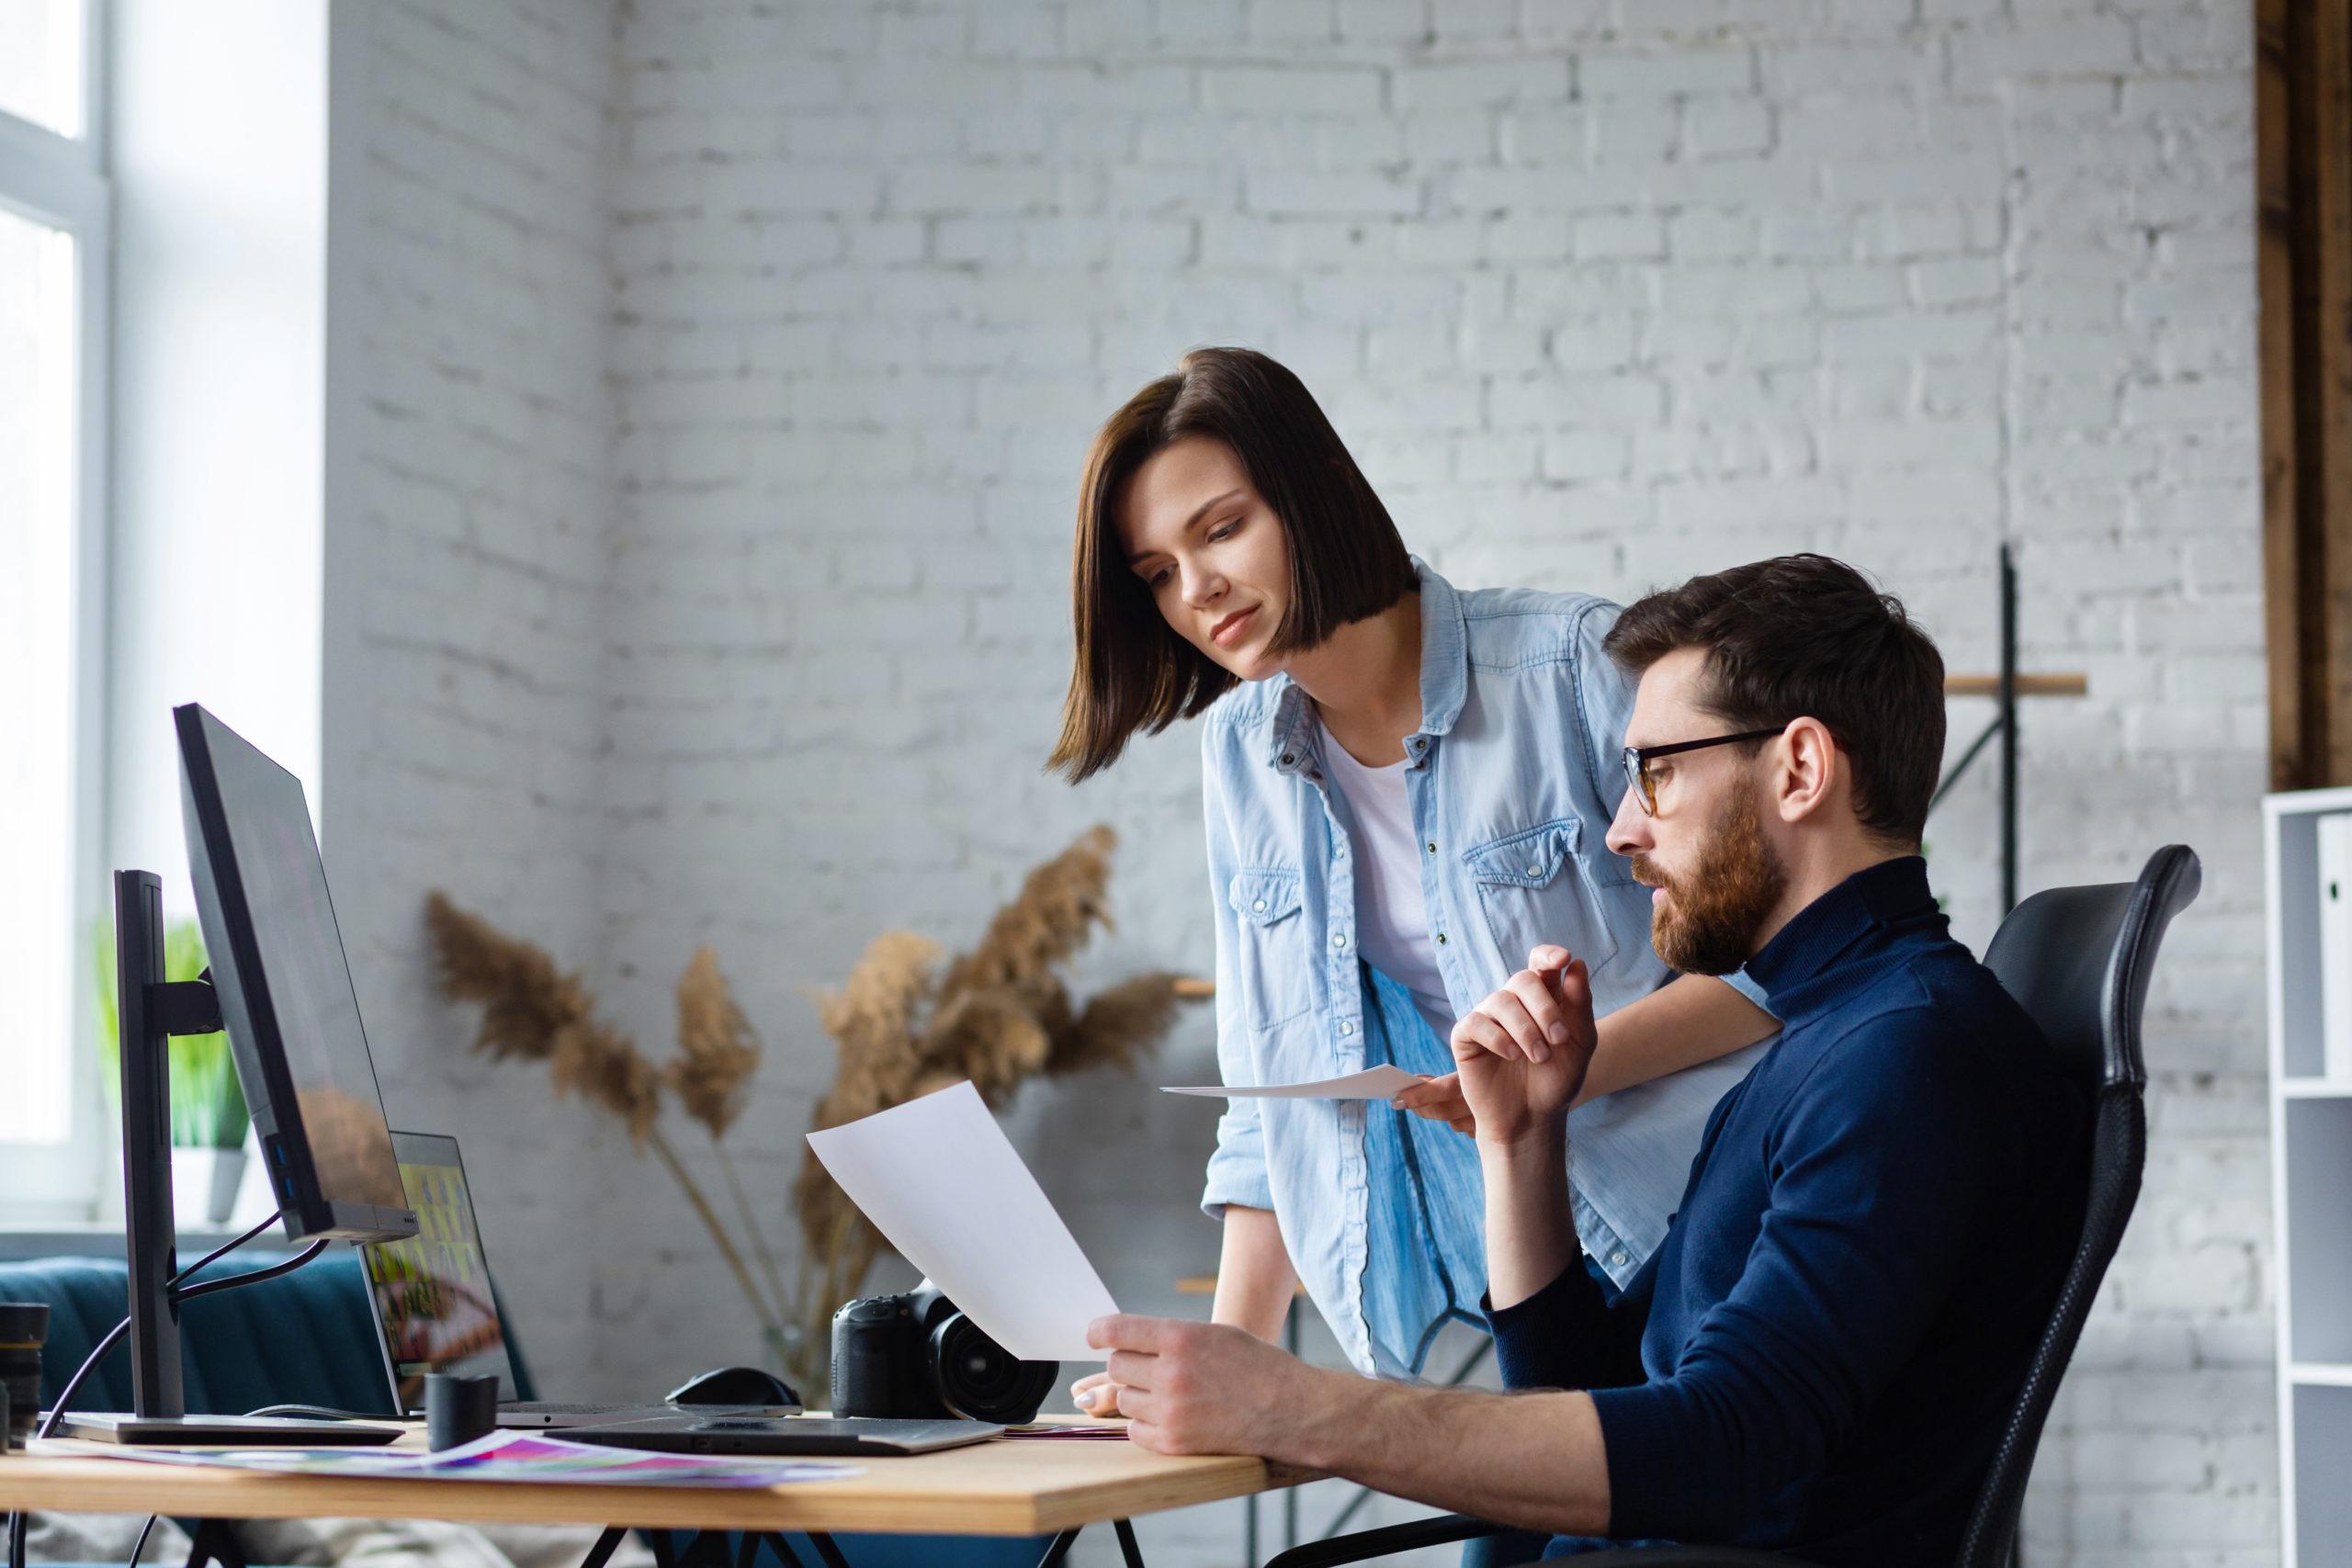 Des experts créatifs et techniques pour vous recommander sur votre présentation PowerPoint